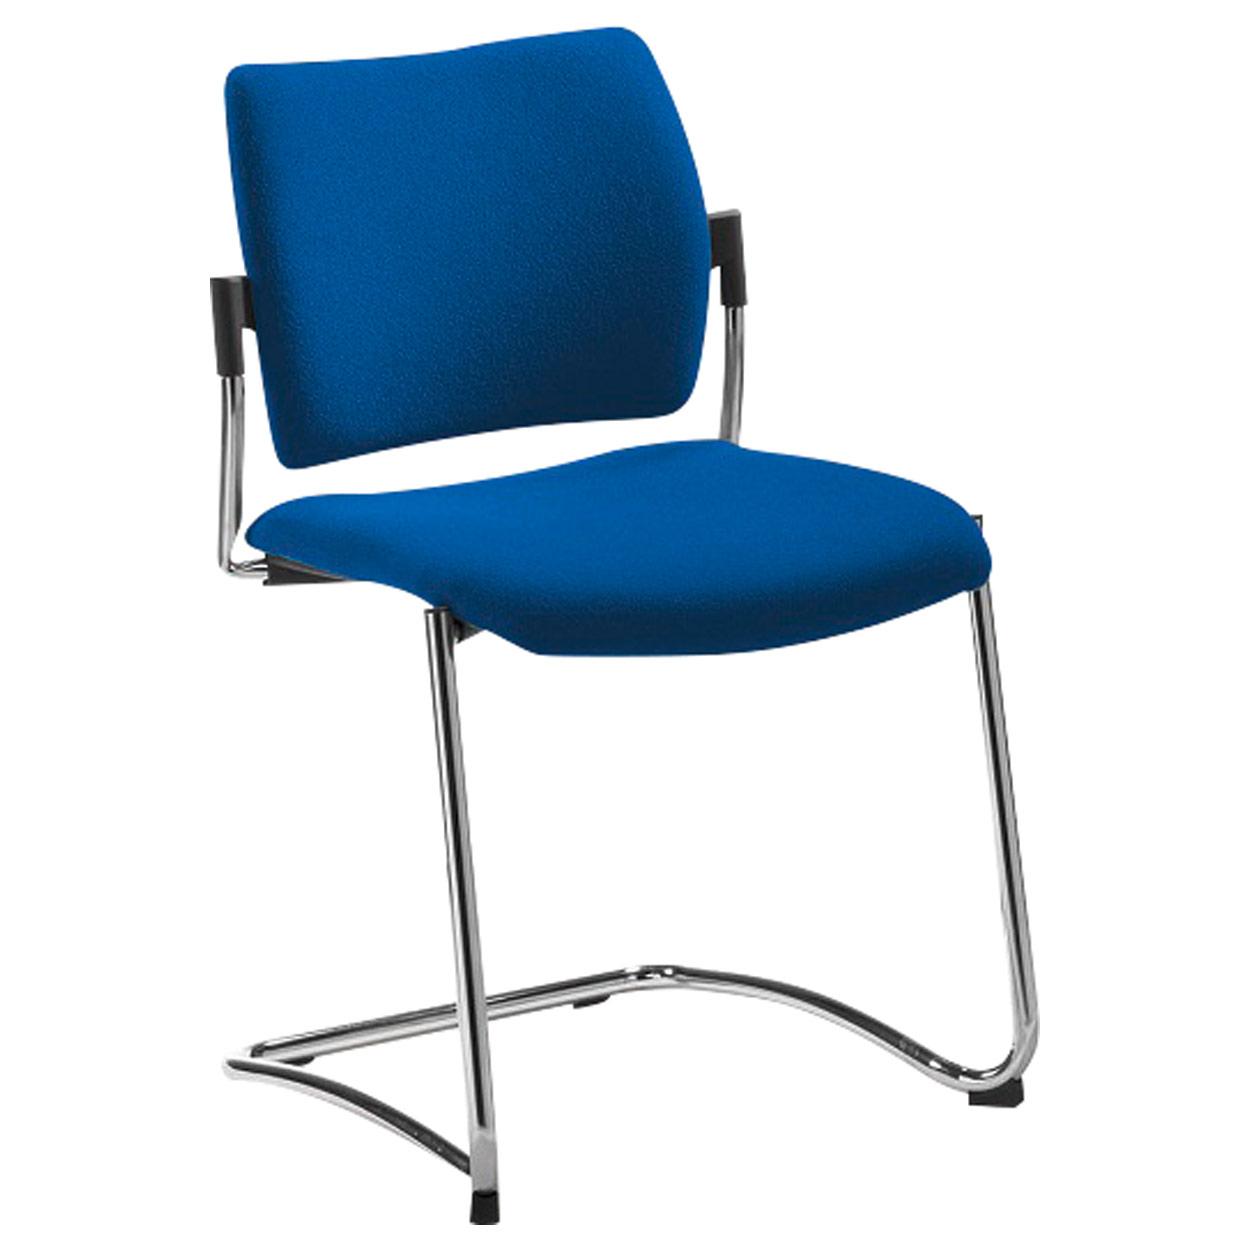 Freischwinger Stuhl Mit Polster Gunstig Online Kaufen Sport Tec